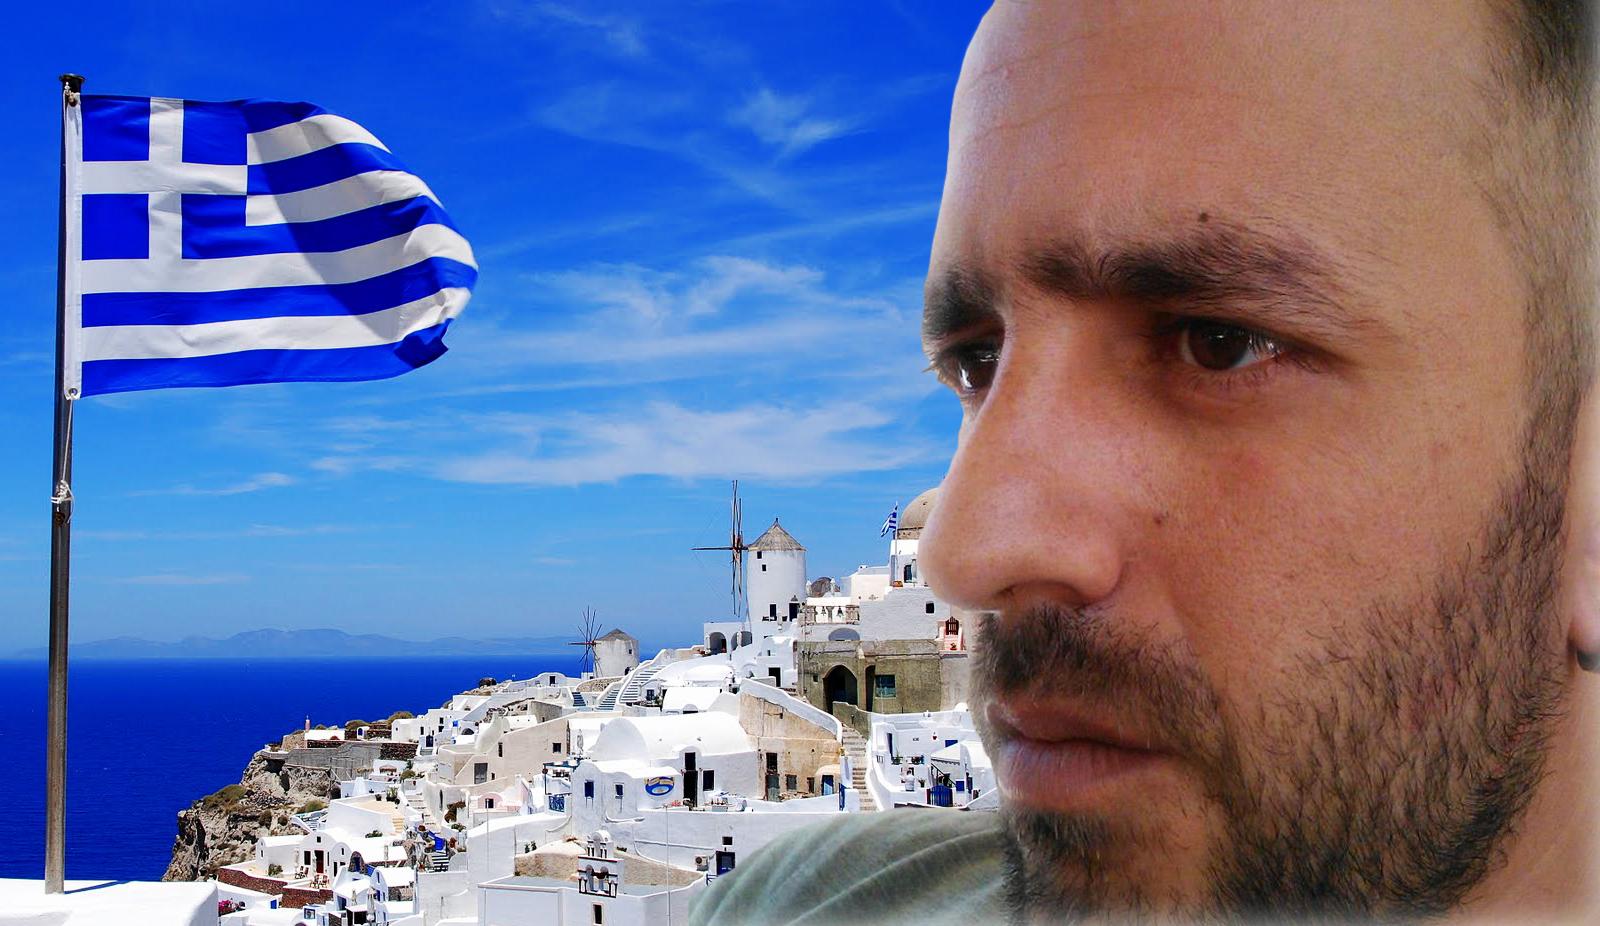 Καλύτερα ψωμί κι αλάτι στην Ελλάδα παρά μία ώρα με τη στάμπα Ausländer στο κούτελο